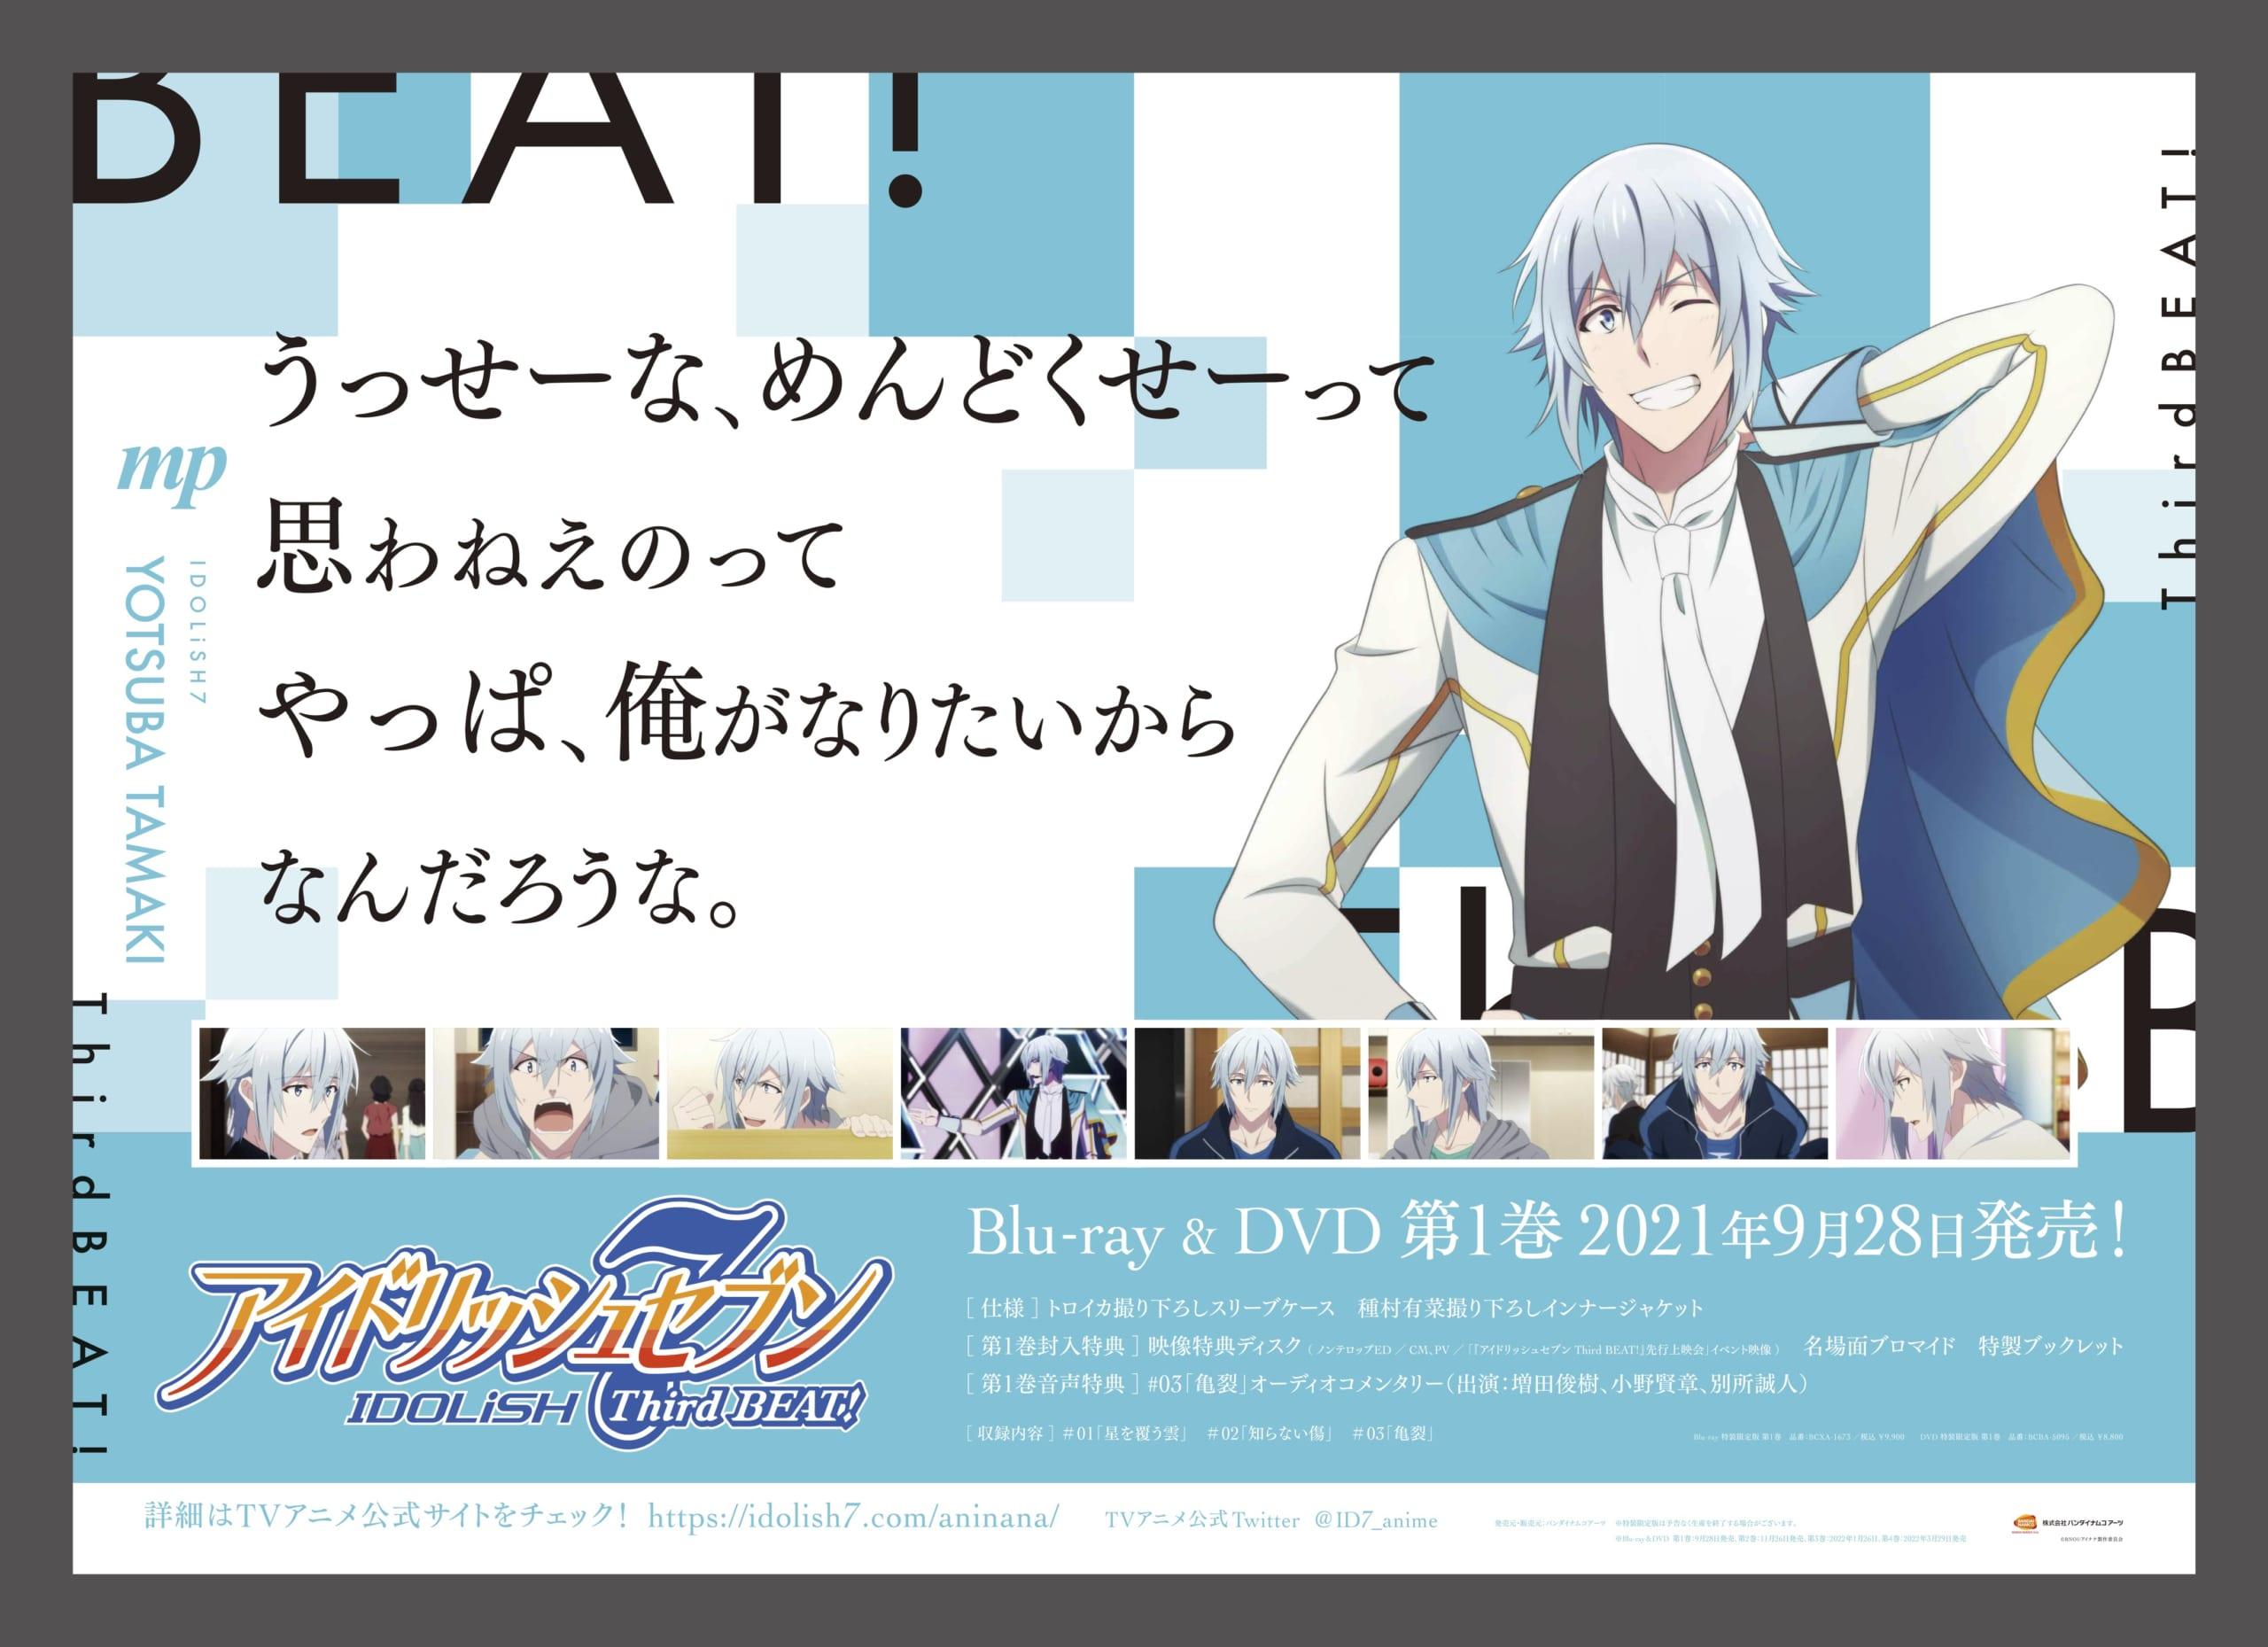 TVアニメ「アイドリッシュセブン Third BEAT!」駅広告四葉環